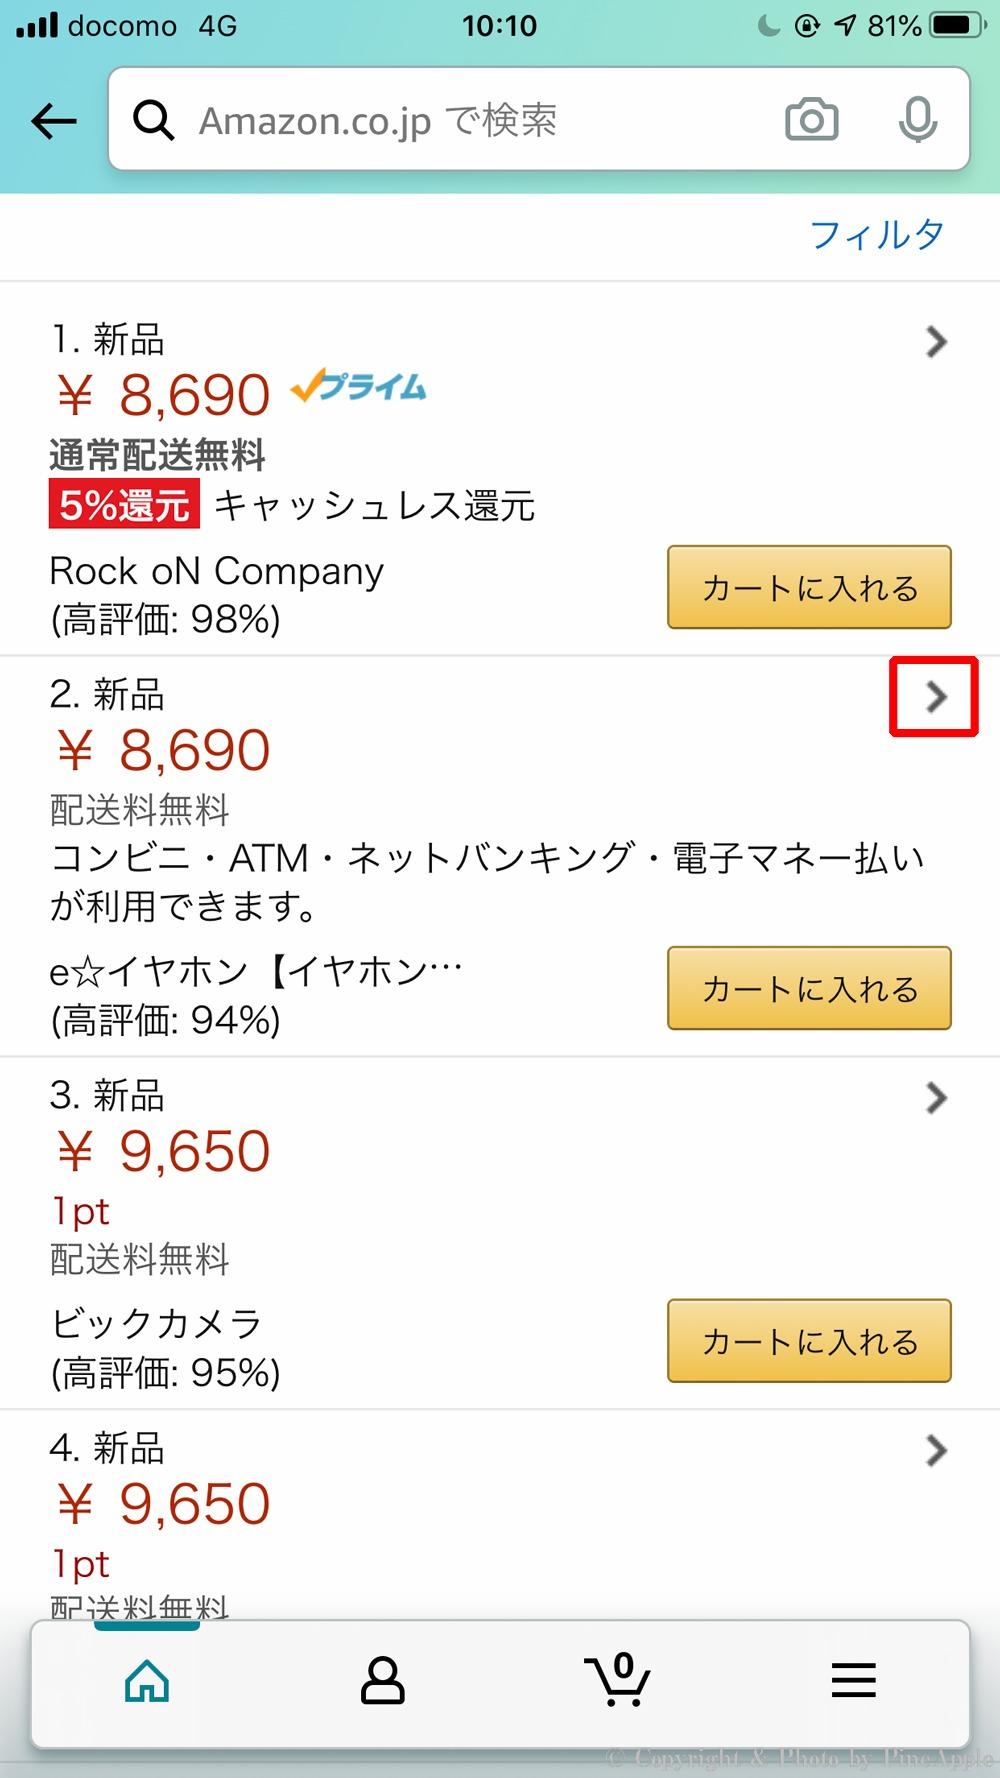 Amazon ショッピングアプリ:各項目の右上に表示されている「>」をタップ